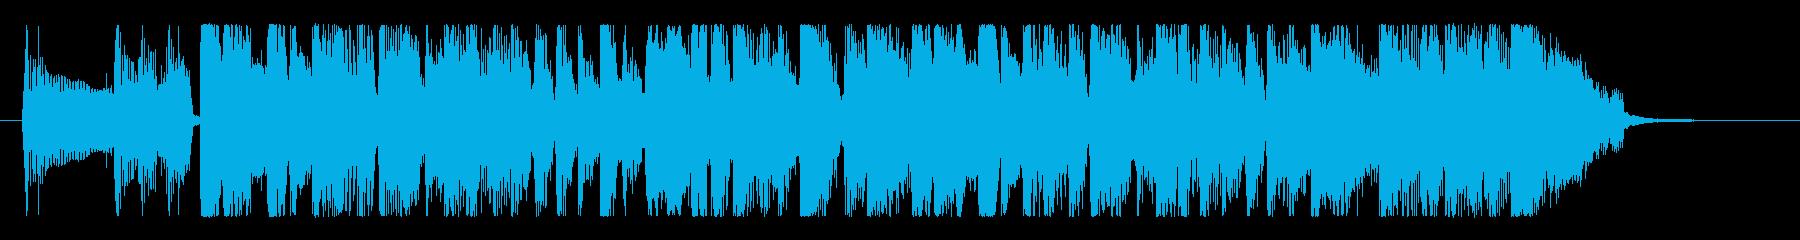 ファンキー&グルーヴィなベースのロゴの再生済みの波形